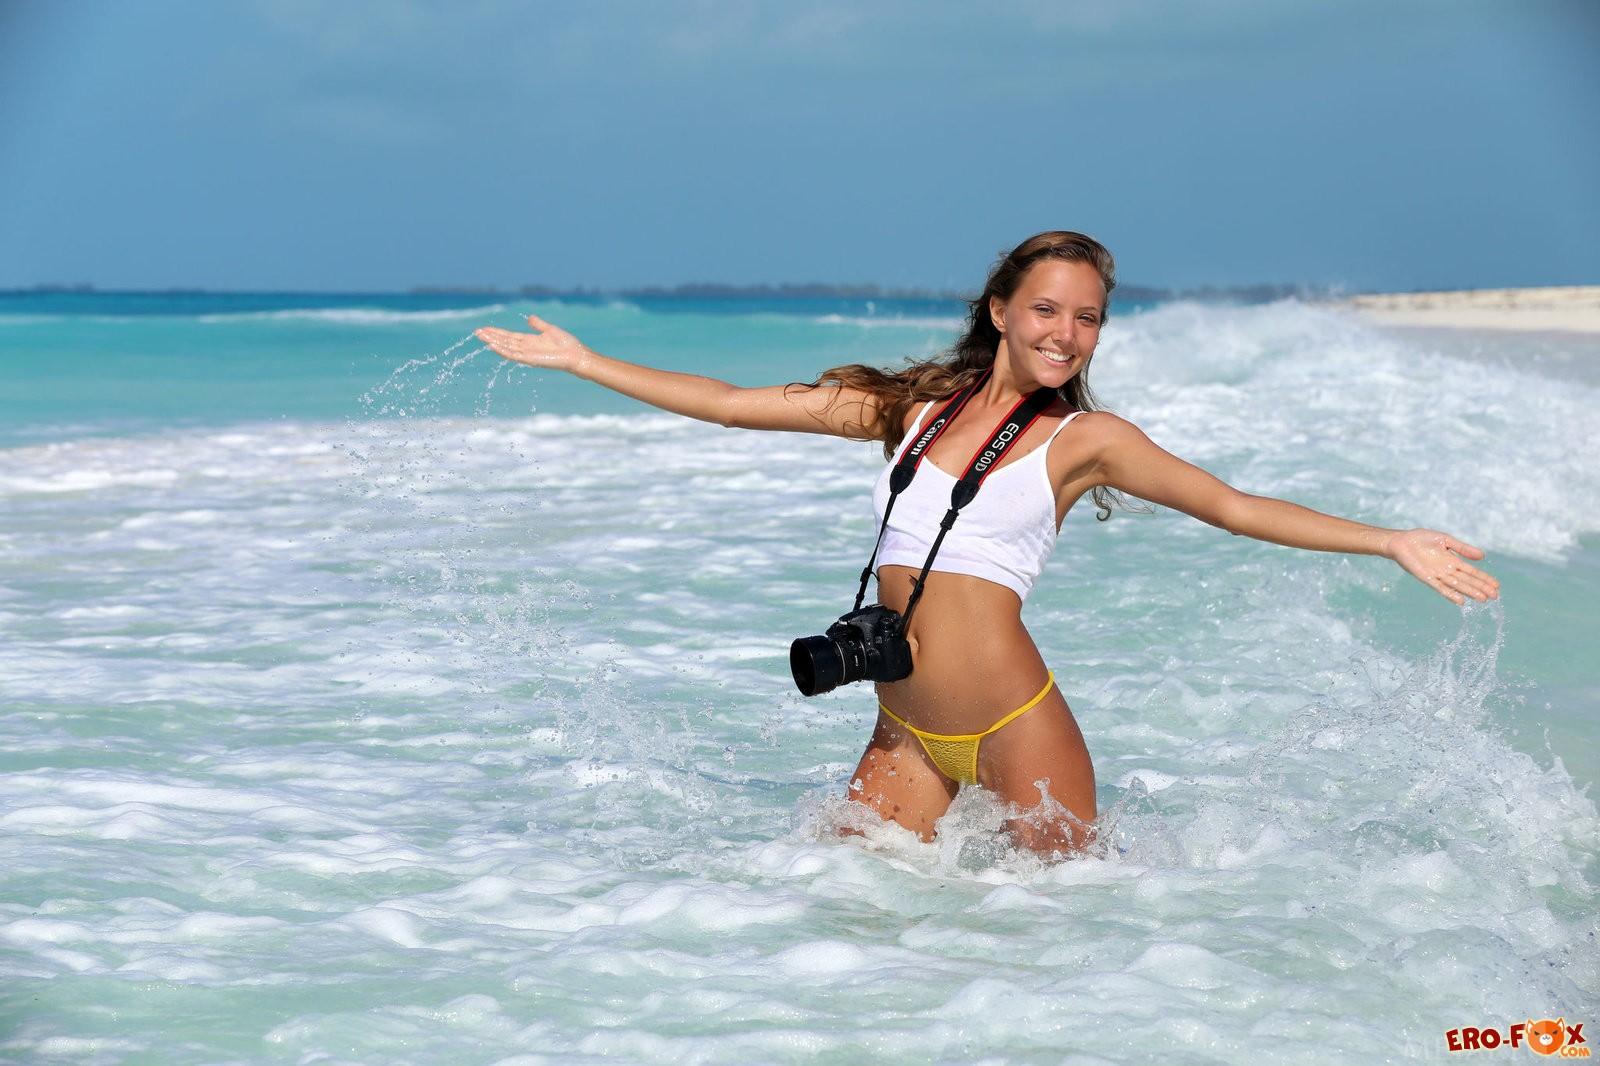 Обнажённая русская девушак на пляже